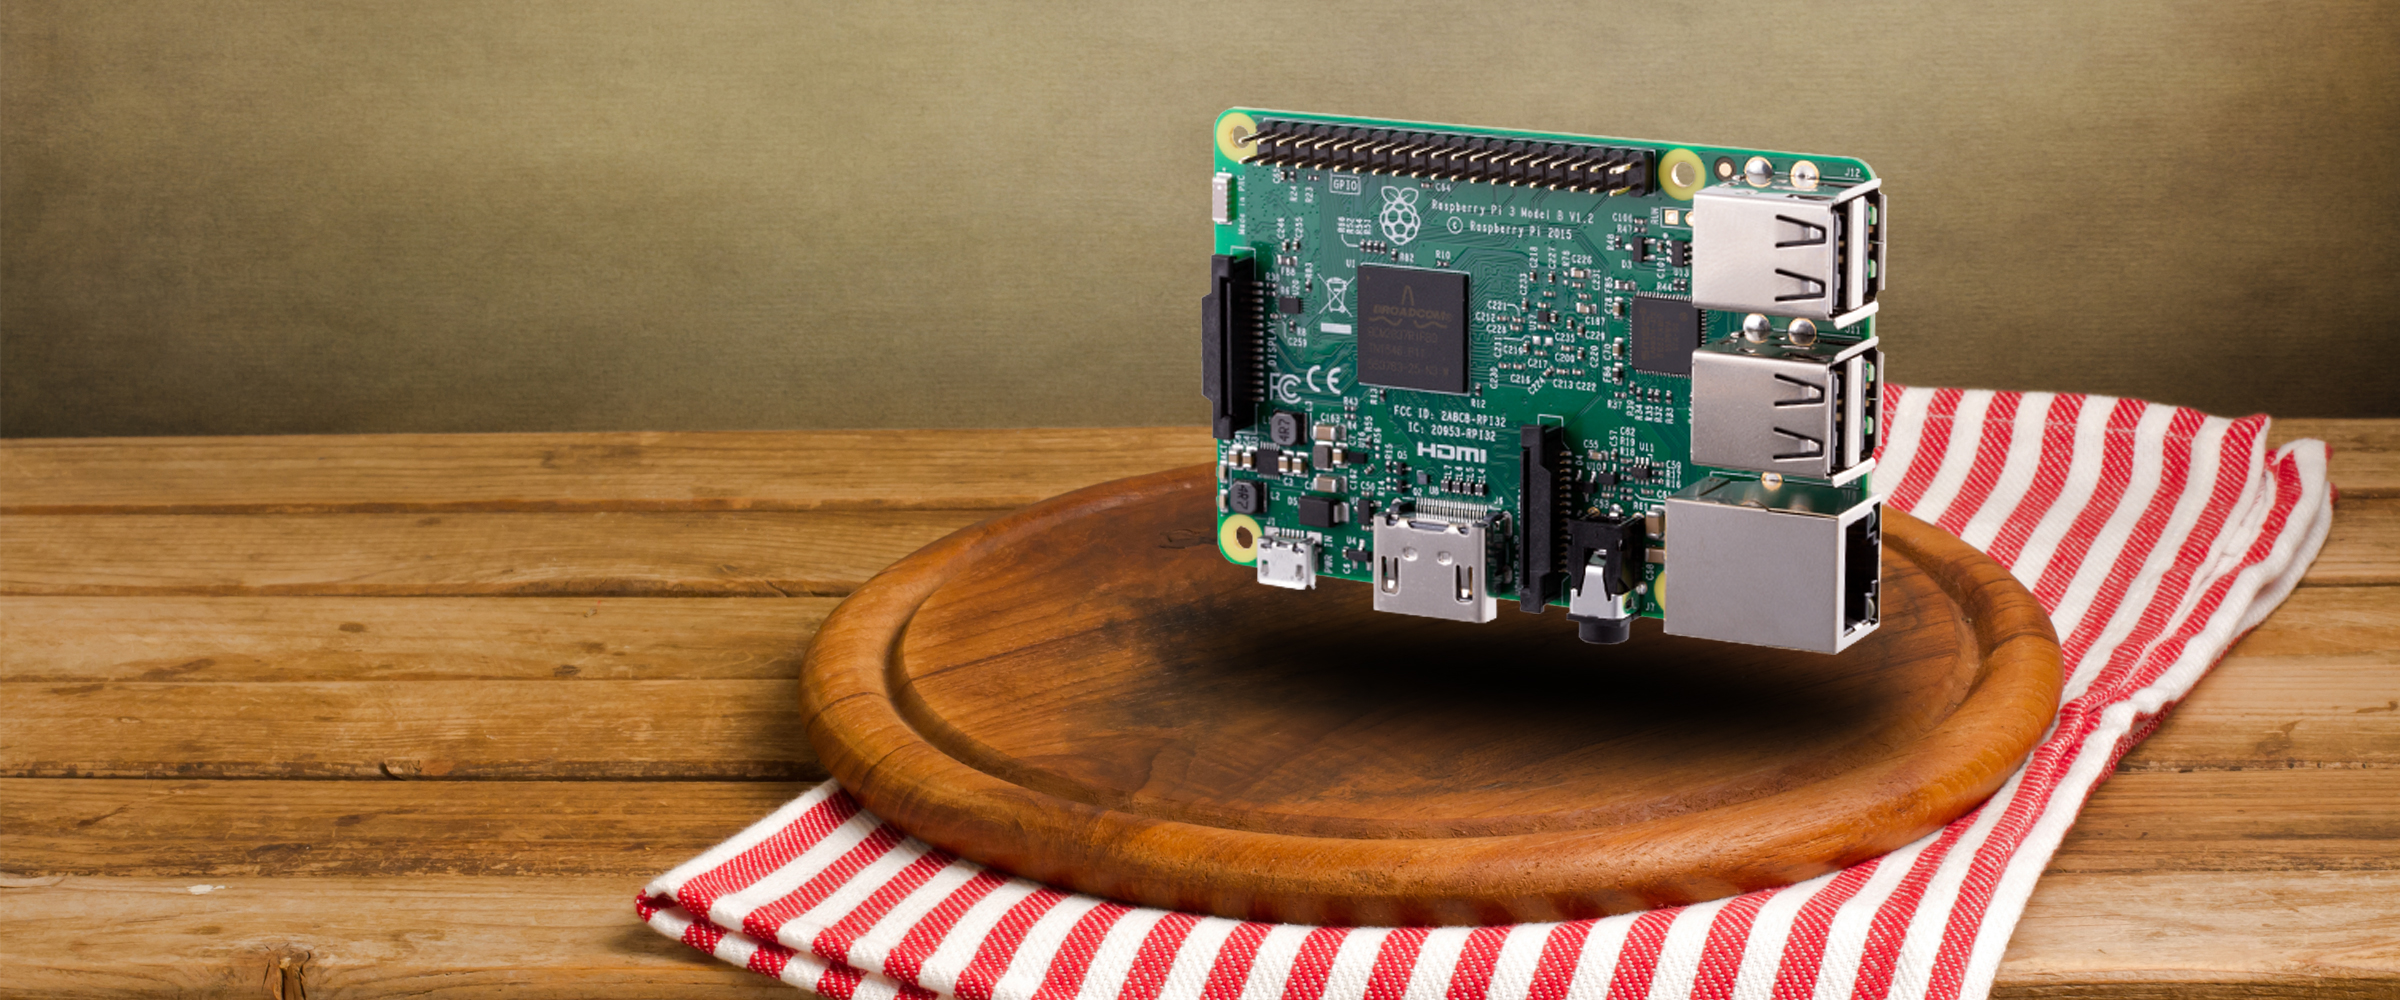 Arrow.com Giving Away Free Raspberry Pi 3s When You Spend 0